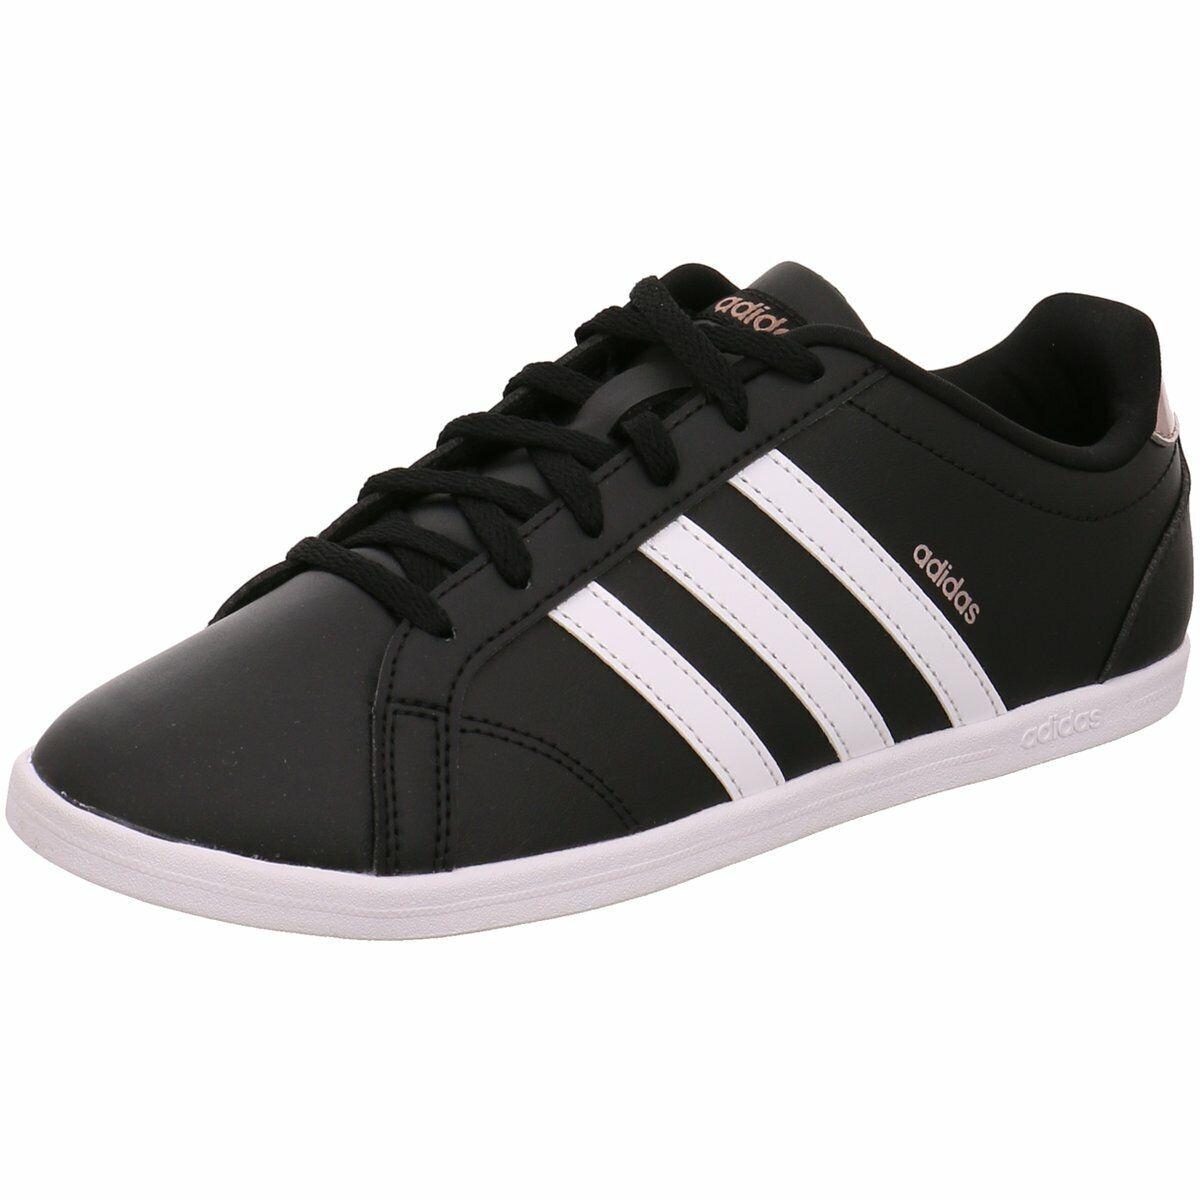 S2K adidas Core Damen Turnschuhe VS Coneo QT DB0126-Coneo-QT schwarz 609946